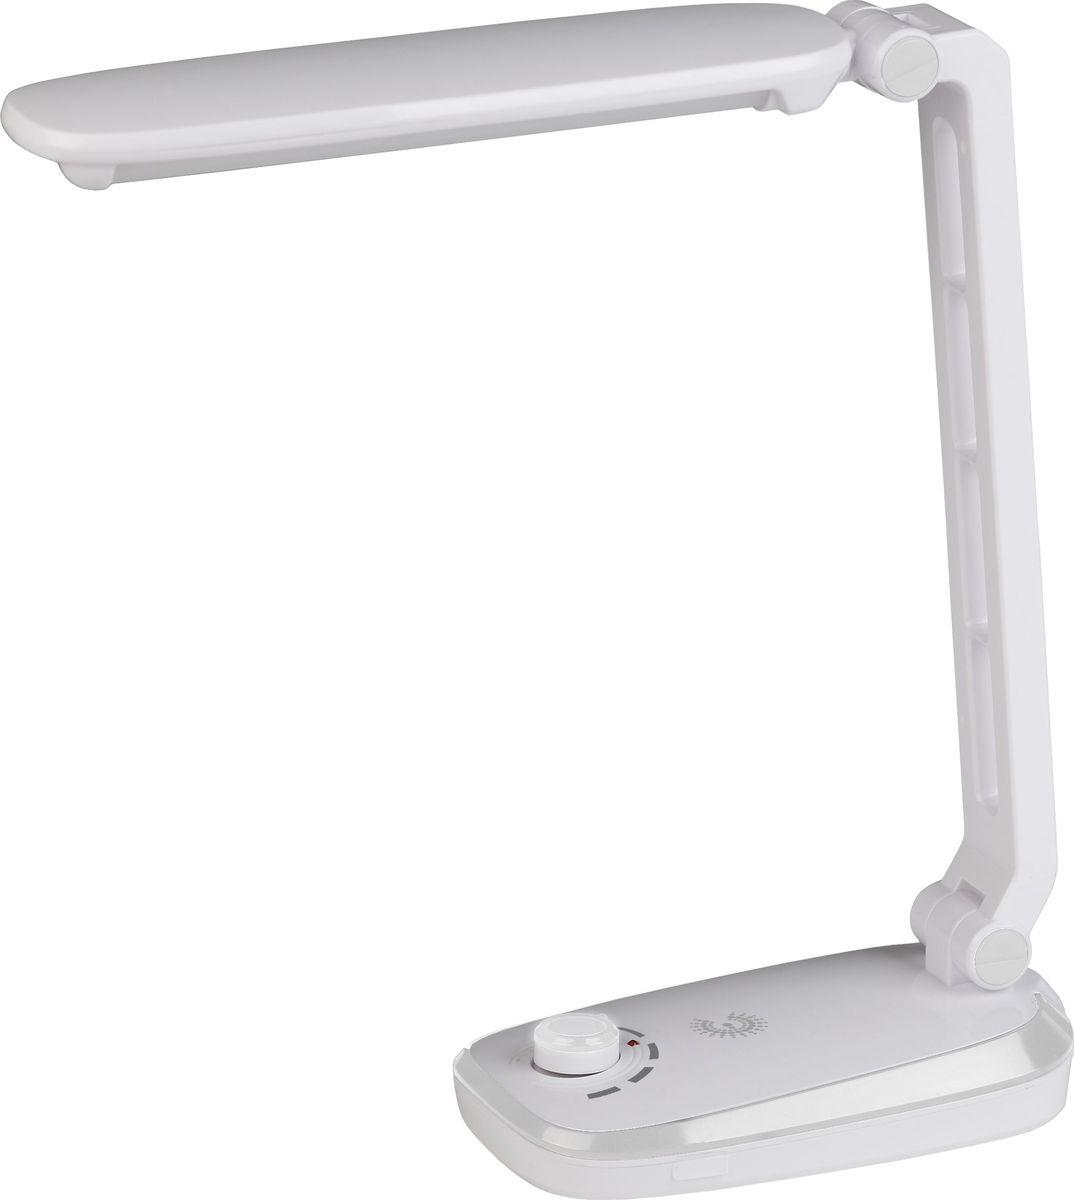 Настольный светильник ЭРА, цвет: белый. NLED-425-4W-WNLED-425-4W-WНастольный светильник ЭРА - светильник со светодиодами (LED) в качестве источников света, которые экономят до 90% электроэнергии и не требуют замены на протяжении всего срока службы светильника.Аккумулятор для автономной работы до 4 часов.Плавная регулировка яркости.Съемный сетевой шнур в комплекте. Устойчивое основание.Складная конструкция.Направление света регулируется наклоном стойки и поворотом панели со светодиодами относительно стойки для максимального комфорта.Теплый свет, аналогичный свету лампы накаливания - цветовая температура 3000К.